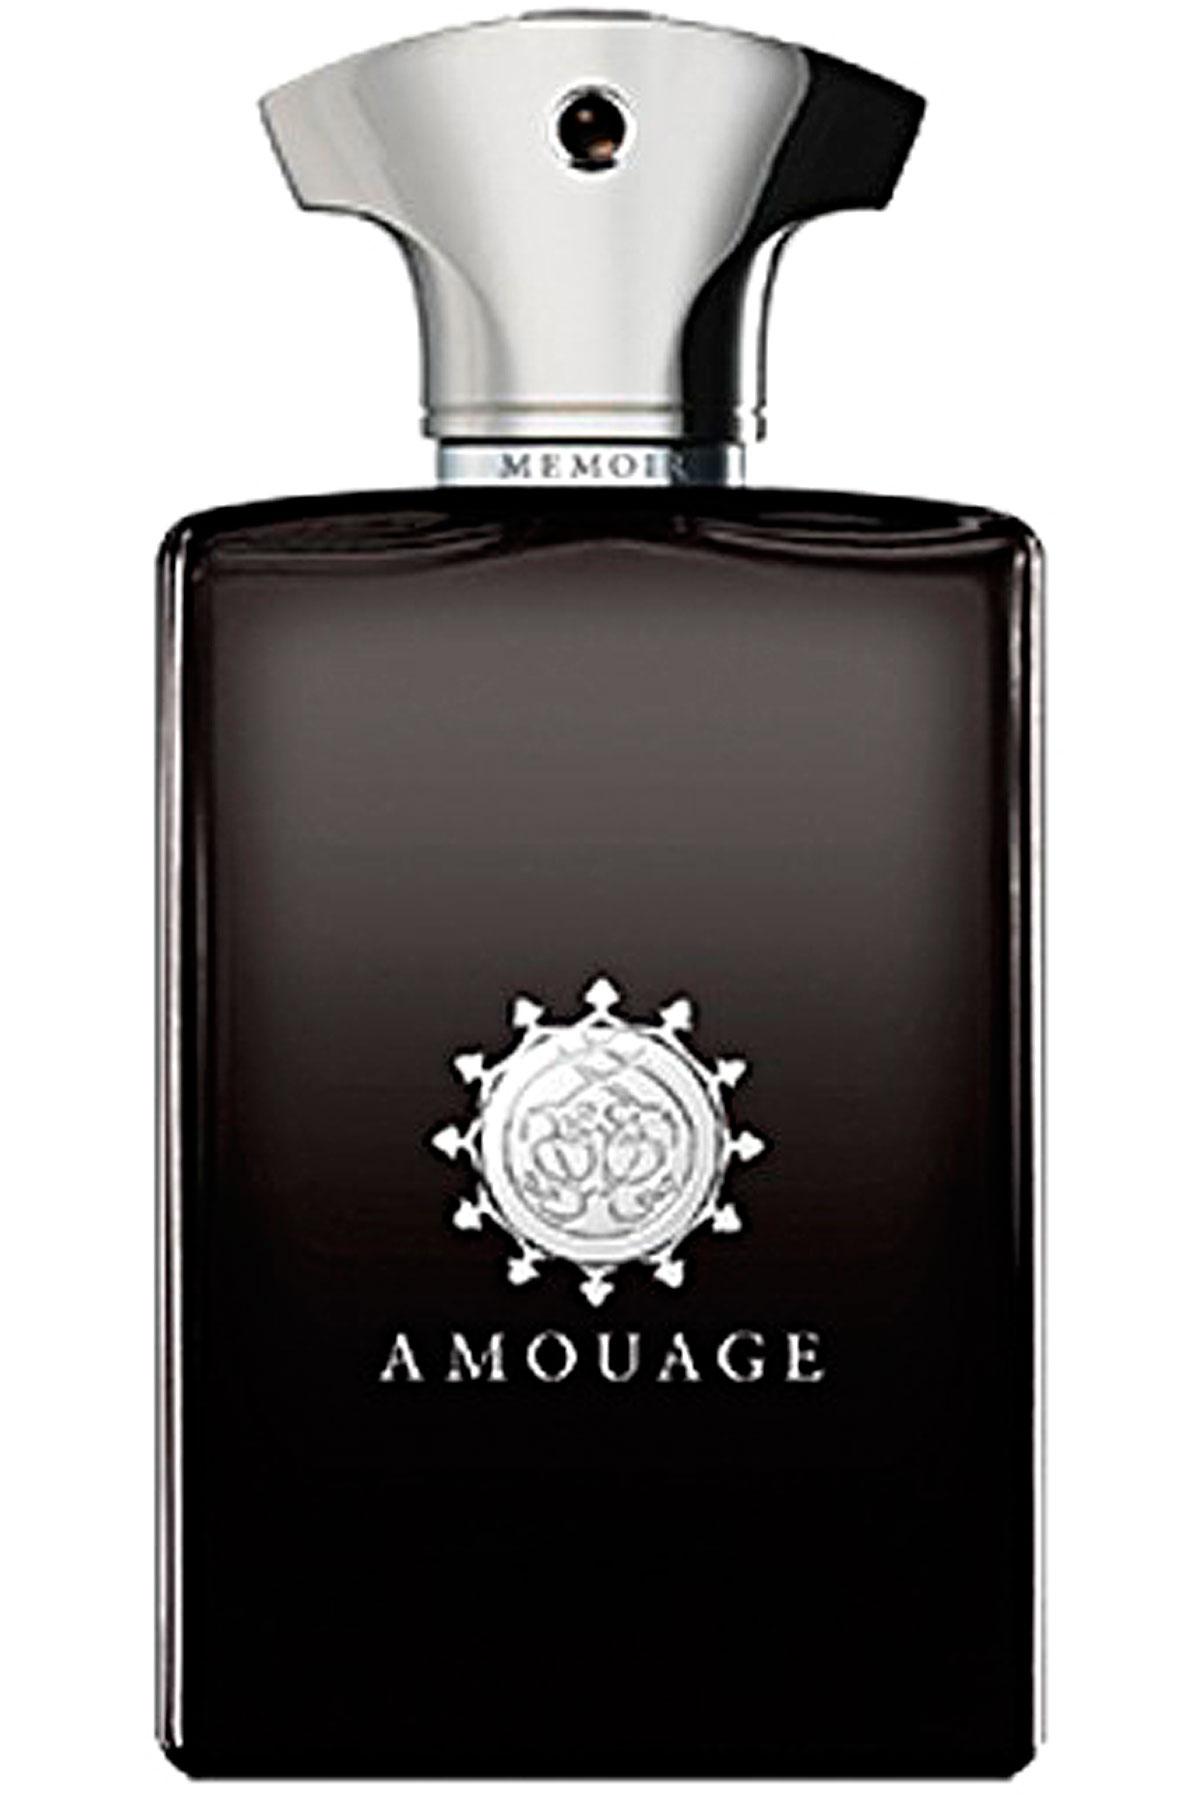 Amouage Fragrances for Men, Memoir Man - Eau De Parfum - 100 Ml, 2019, 100 ml